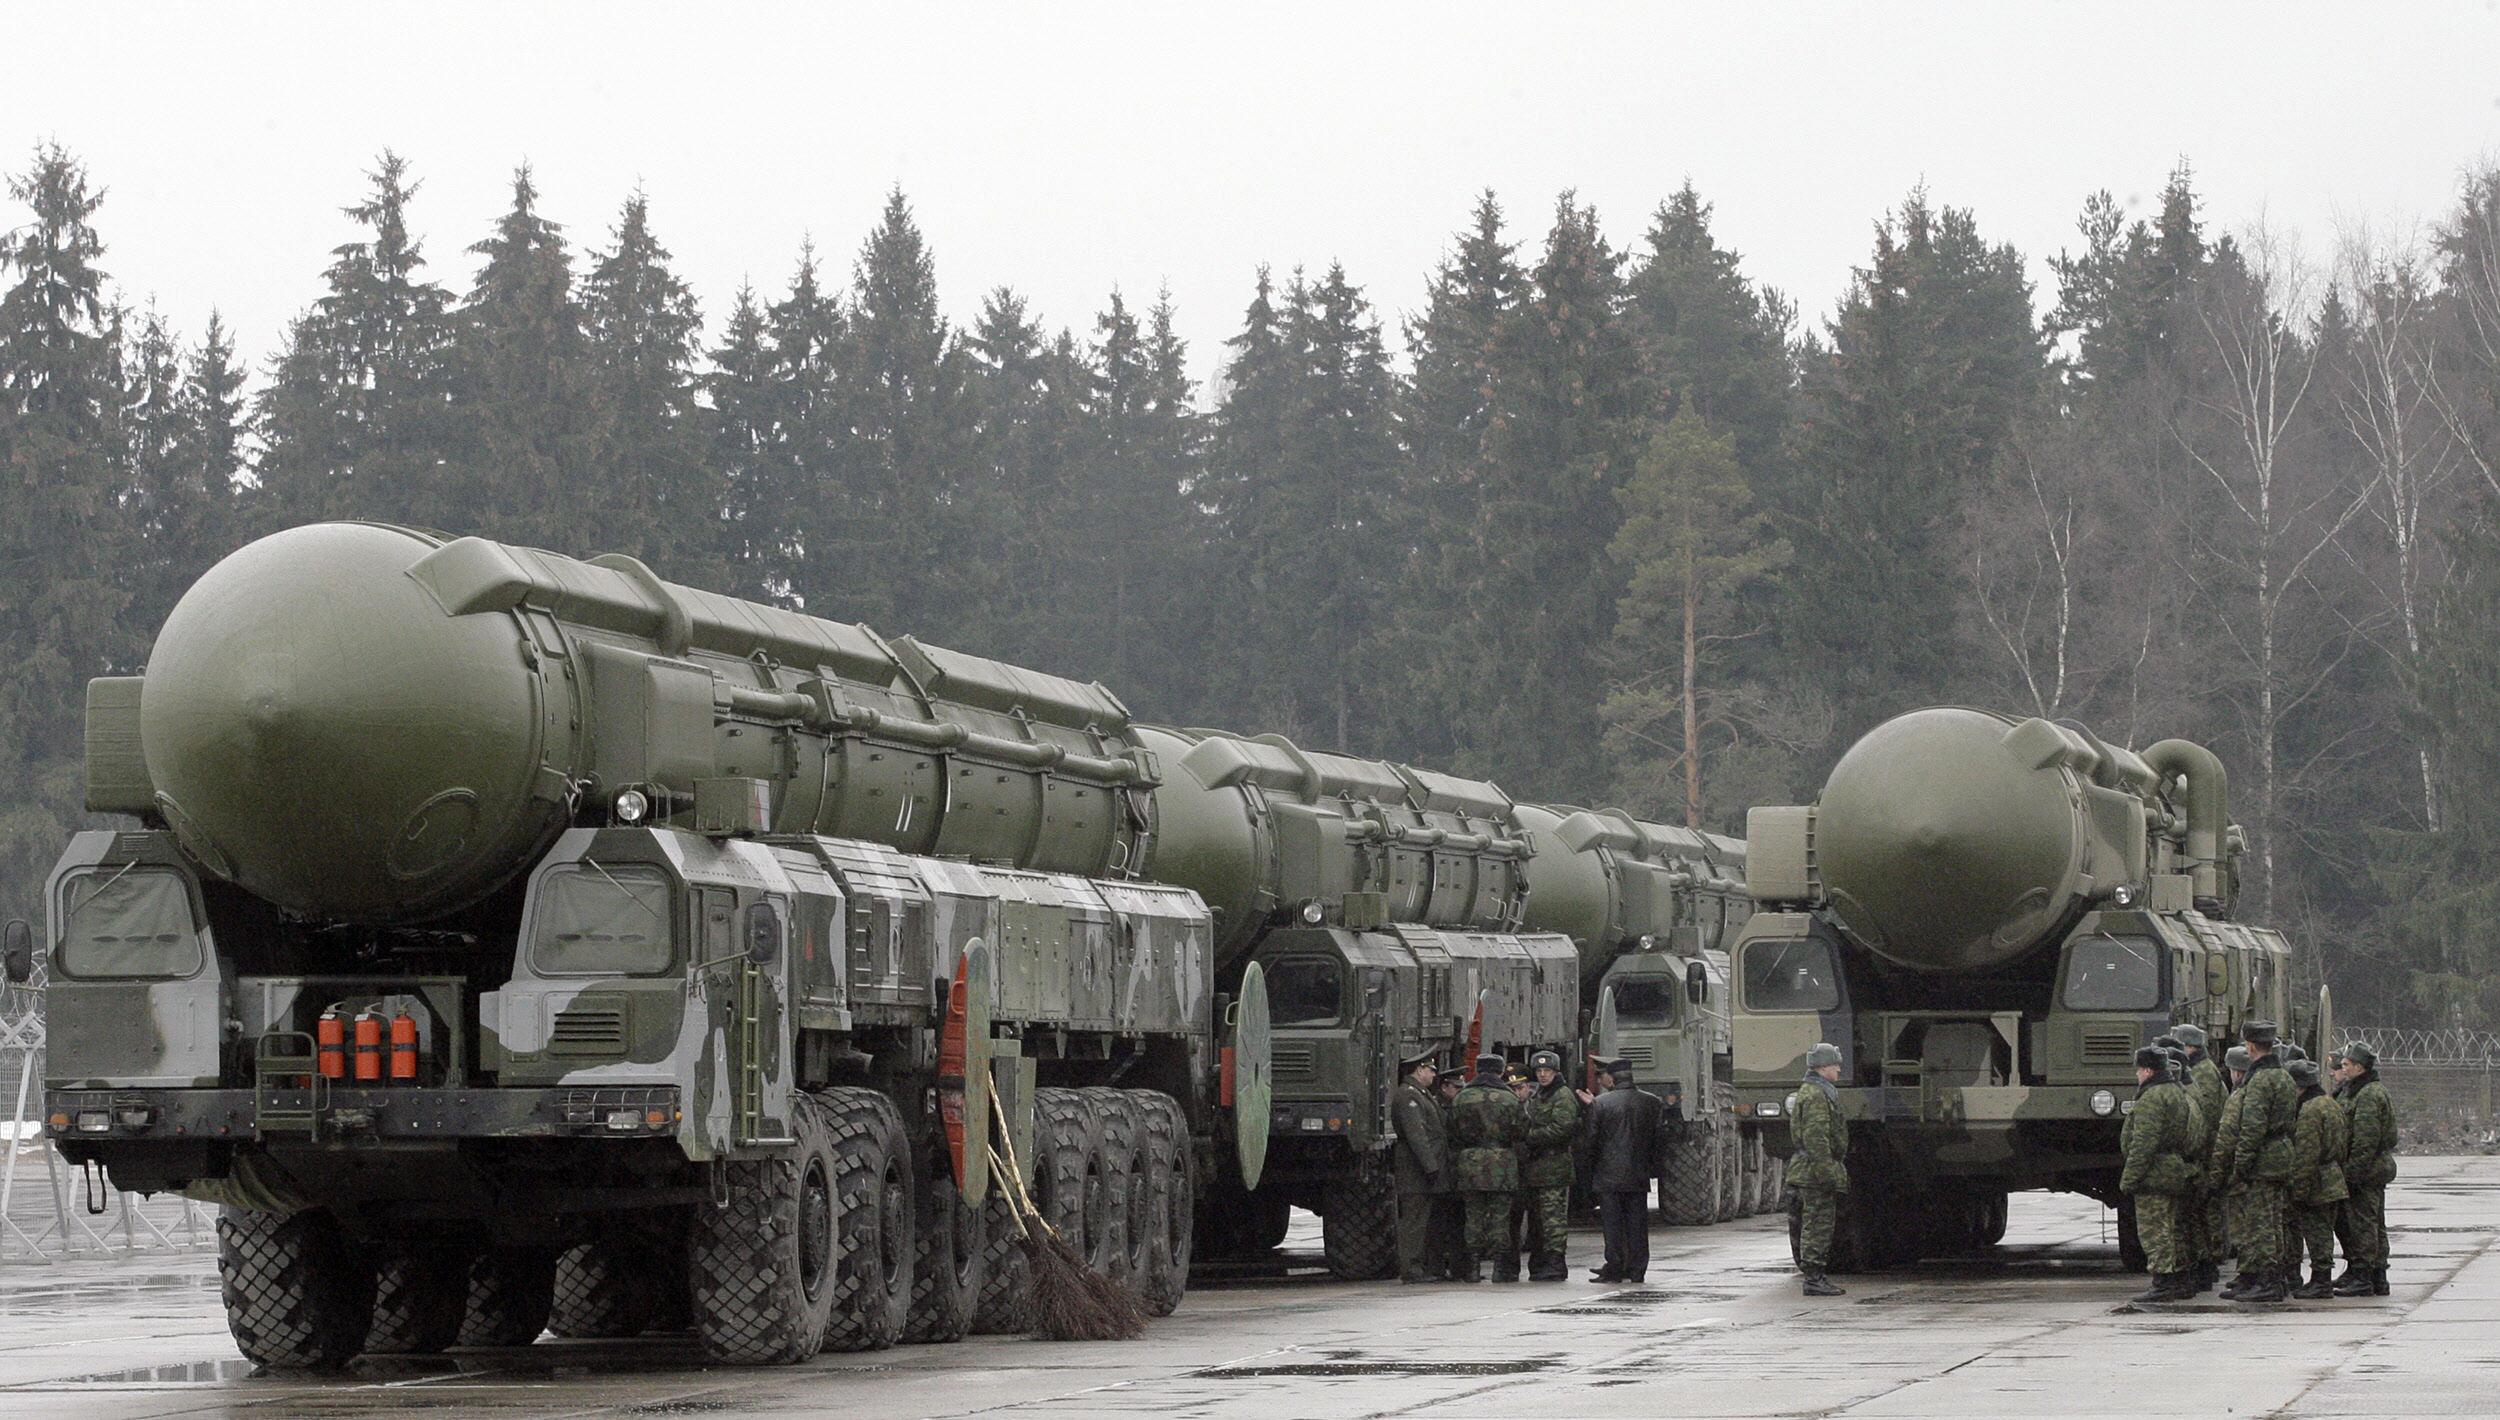 Estão os EUA e Rússia se preparando para a guerra? Hacks, testes de mísseis e ameaças.